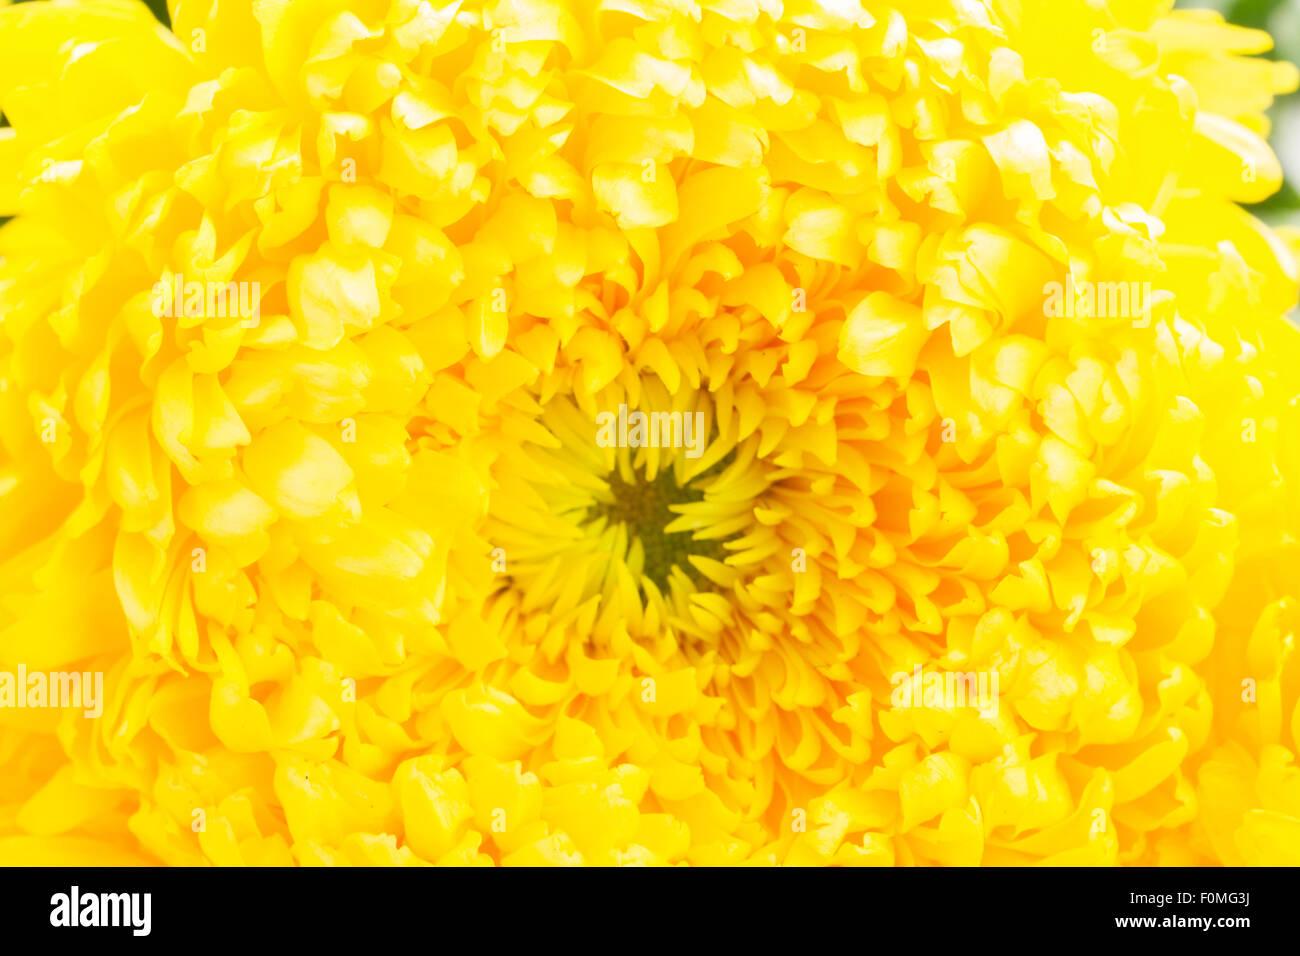 Yellow Mum Flower Stock Photo 86503526 Alamy